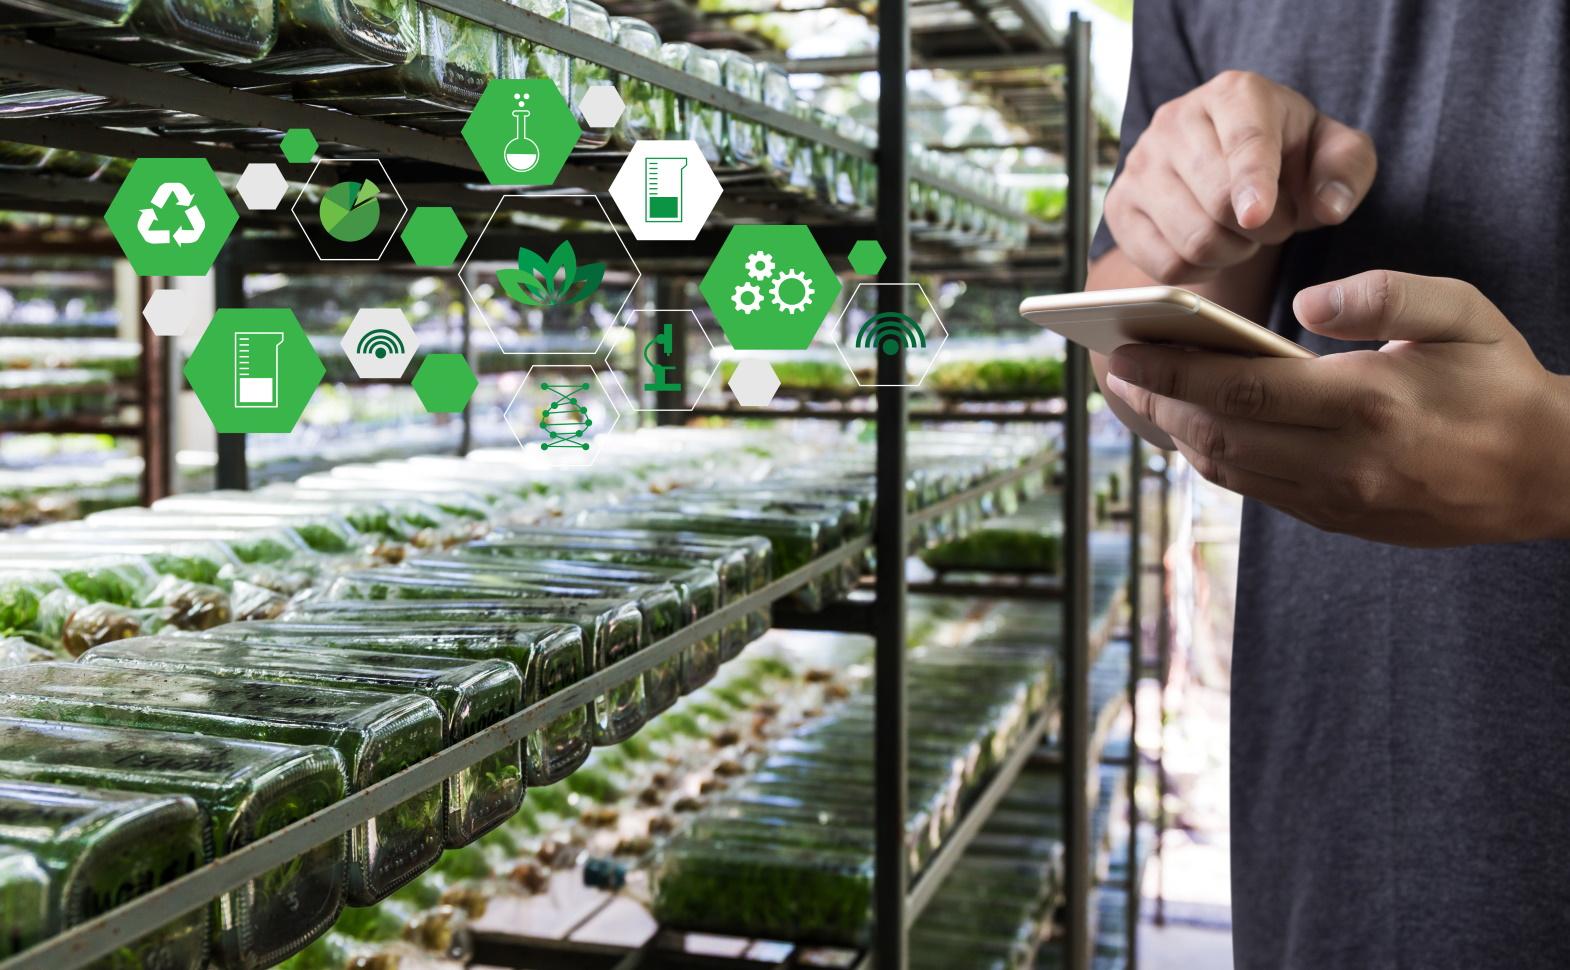 smart farming sensors robotics industry 4.0